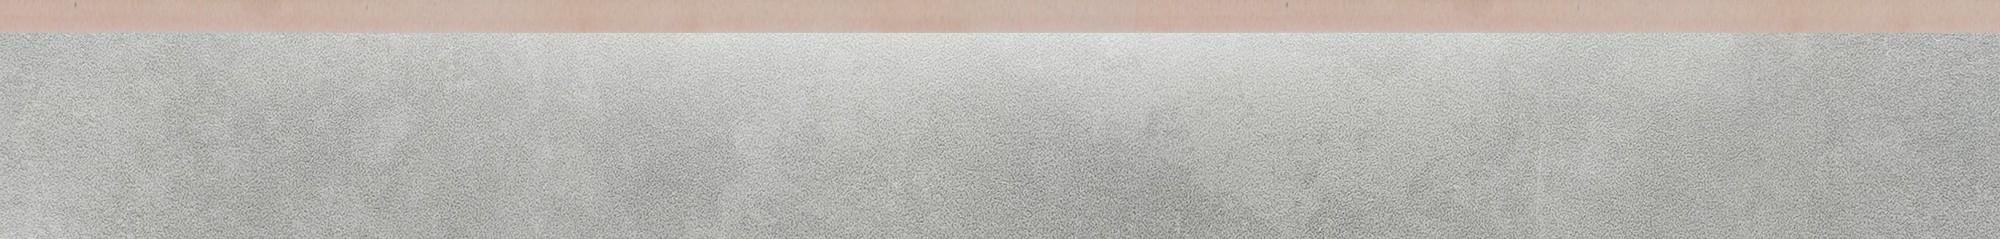 Cokół Cerrad Apenino Gris Lappato 597x80x8,5mm 35715